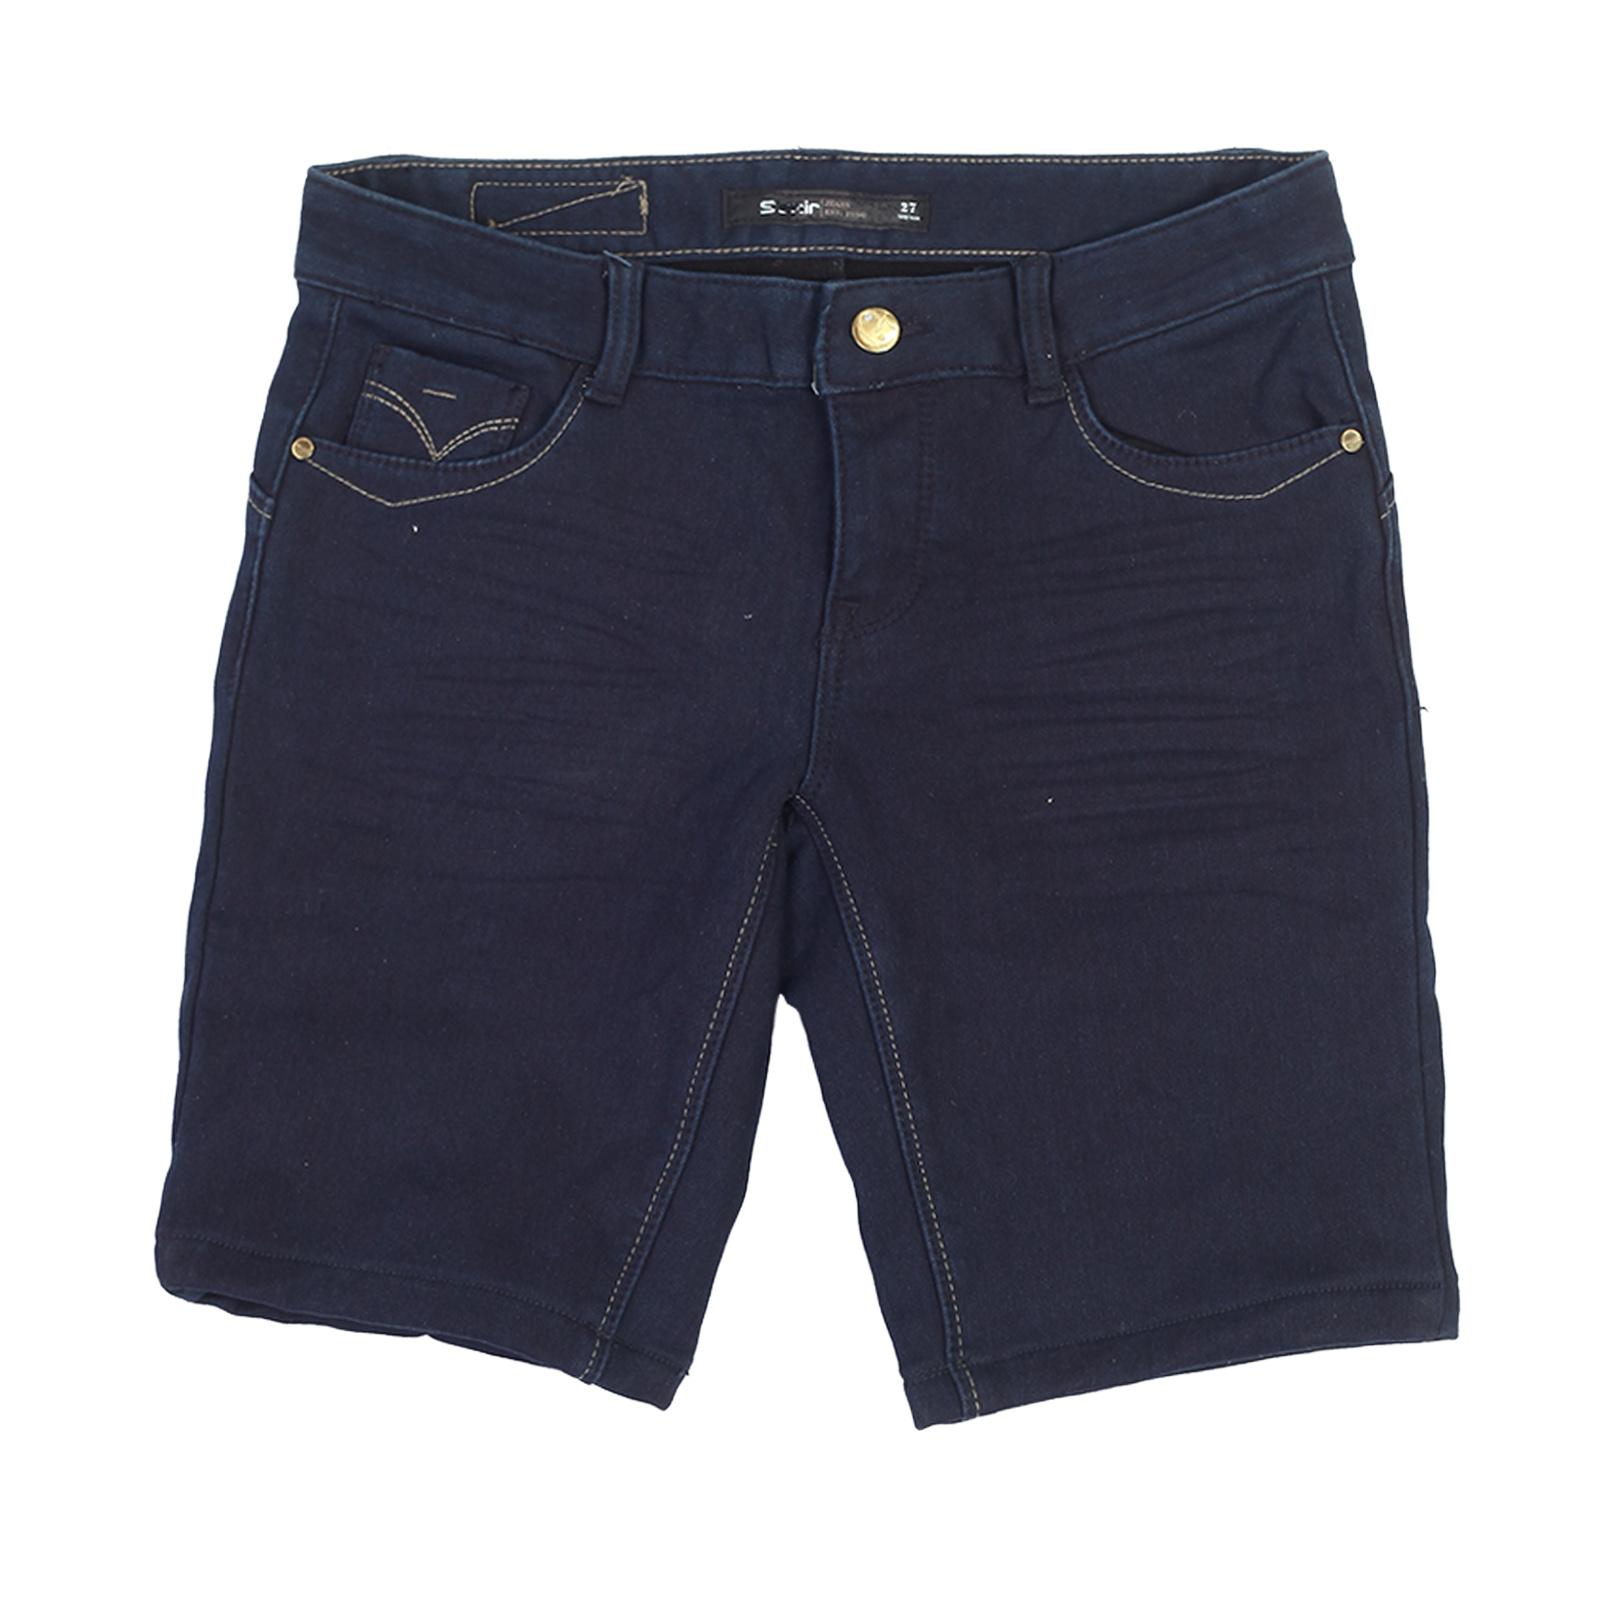 Женские джинсовые шорты Semir на флисе.